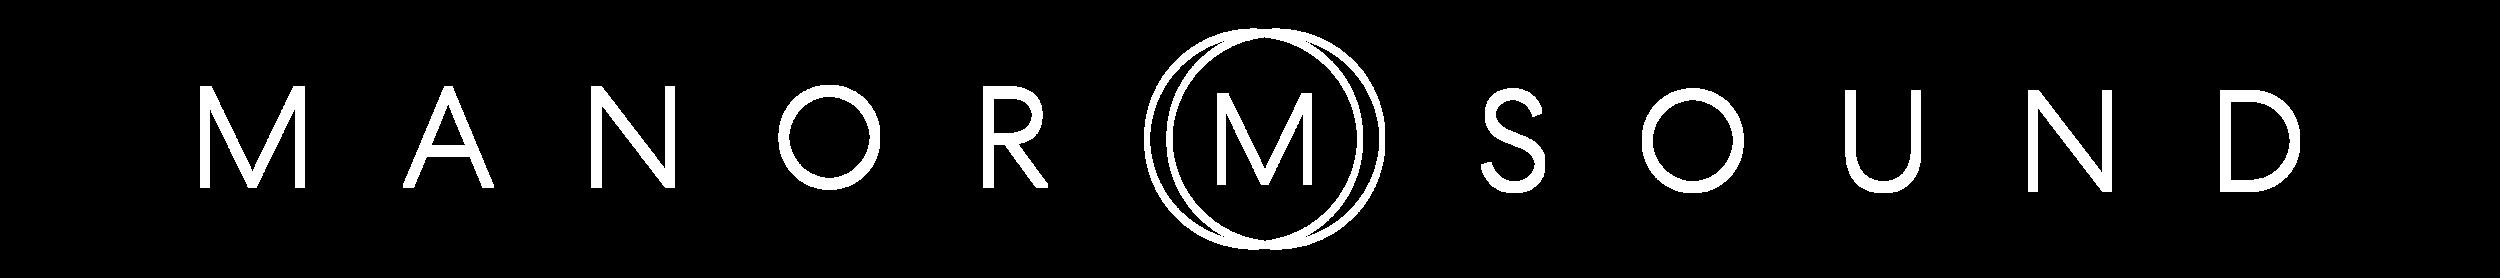 MS-WM-L-white-transparent-2-01.png